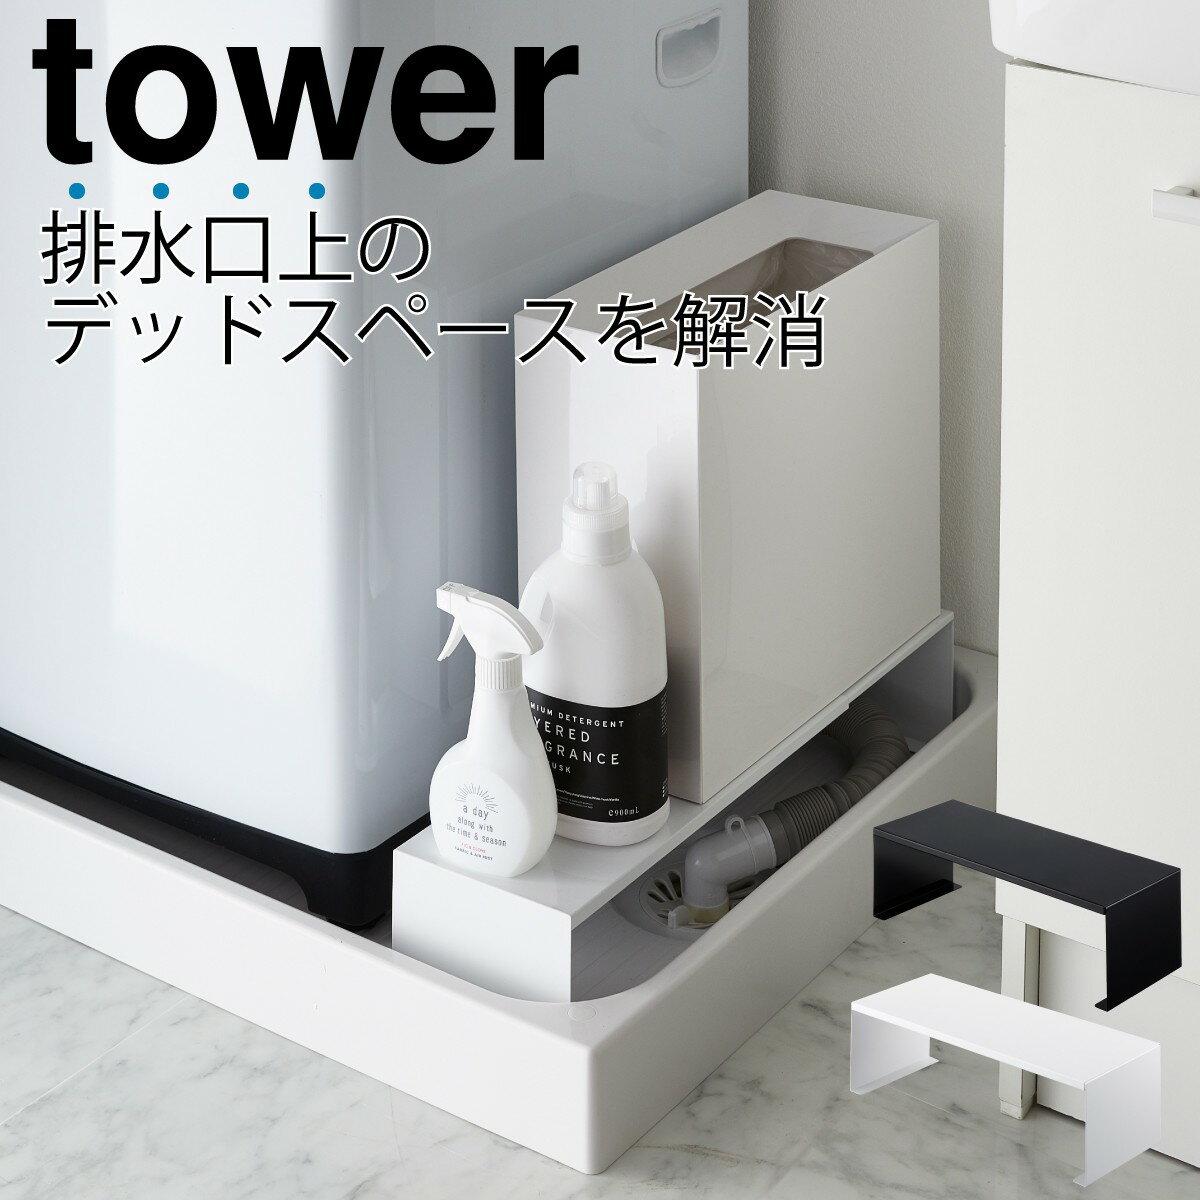 収納ラック 洗濯機横 すき間収納 伸縮洗濯機排水口上ラック タワー tower シンプル ホワイト ブラック